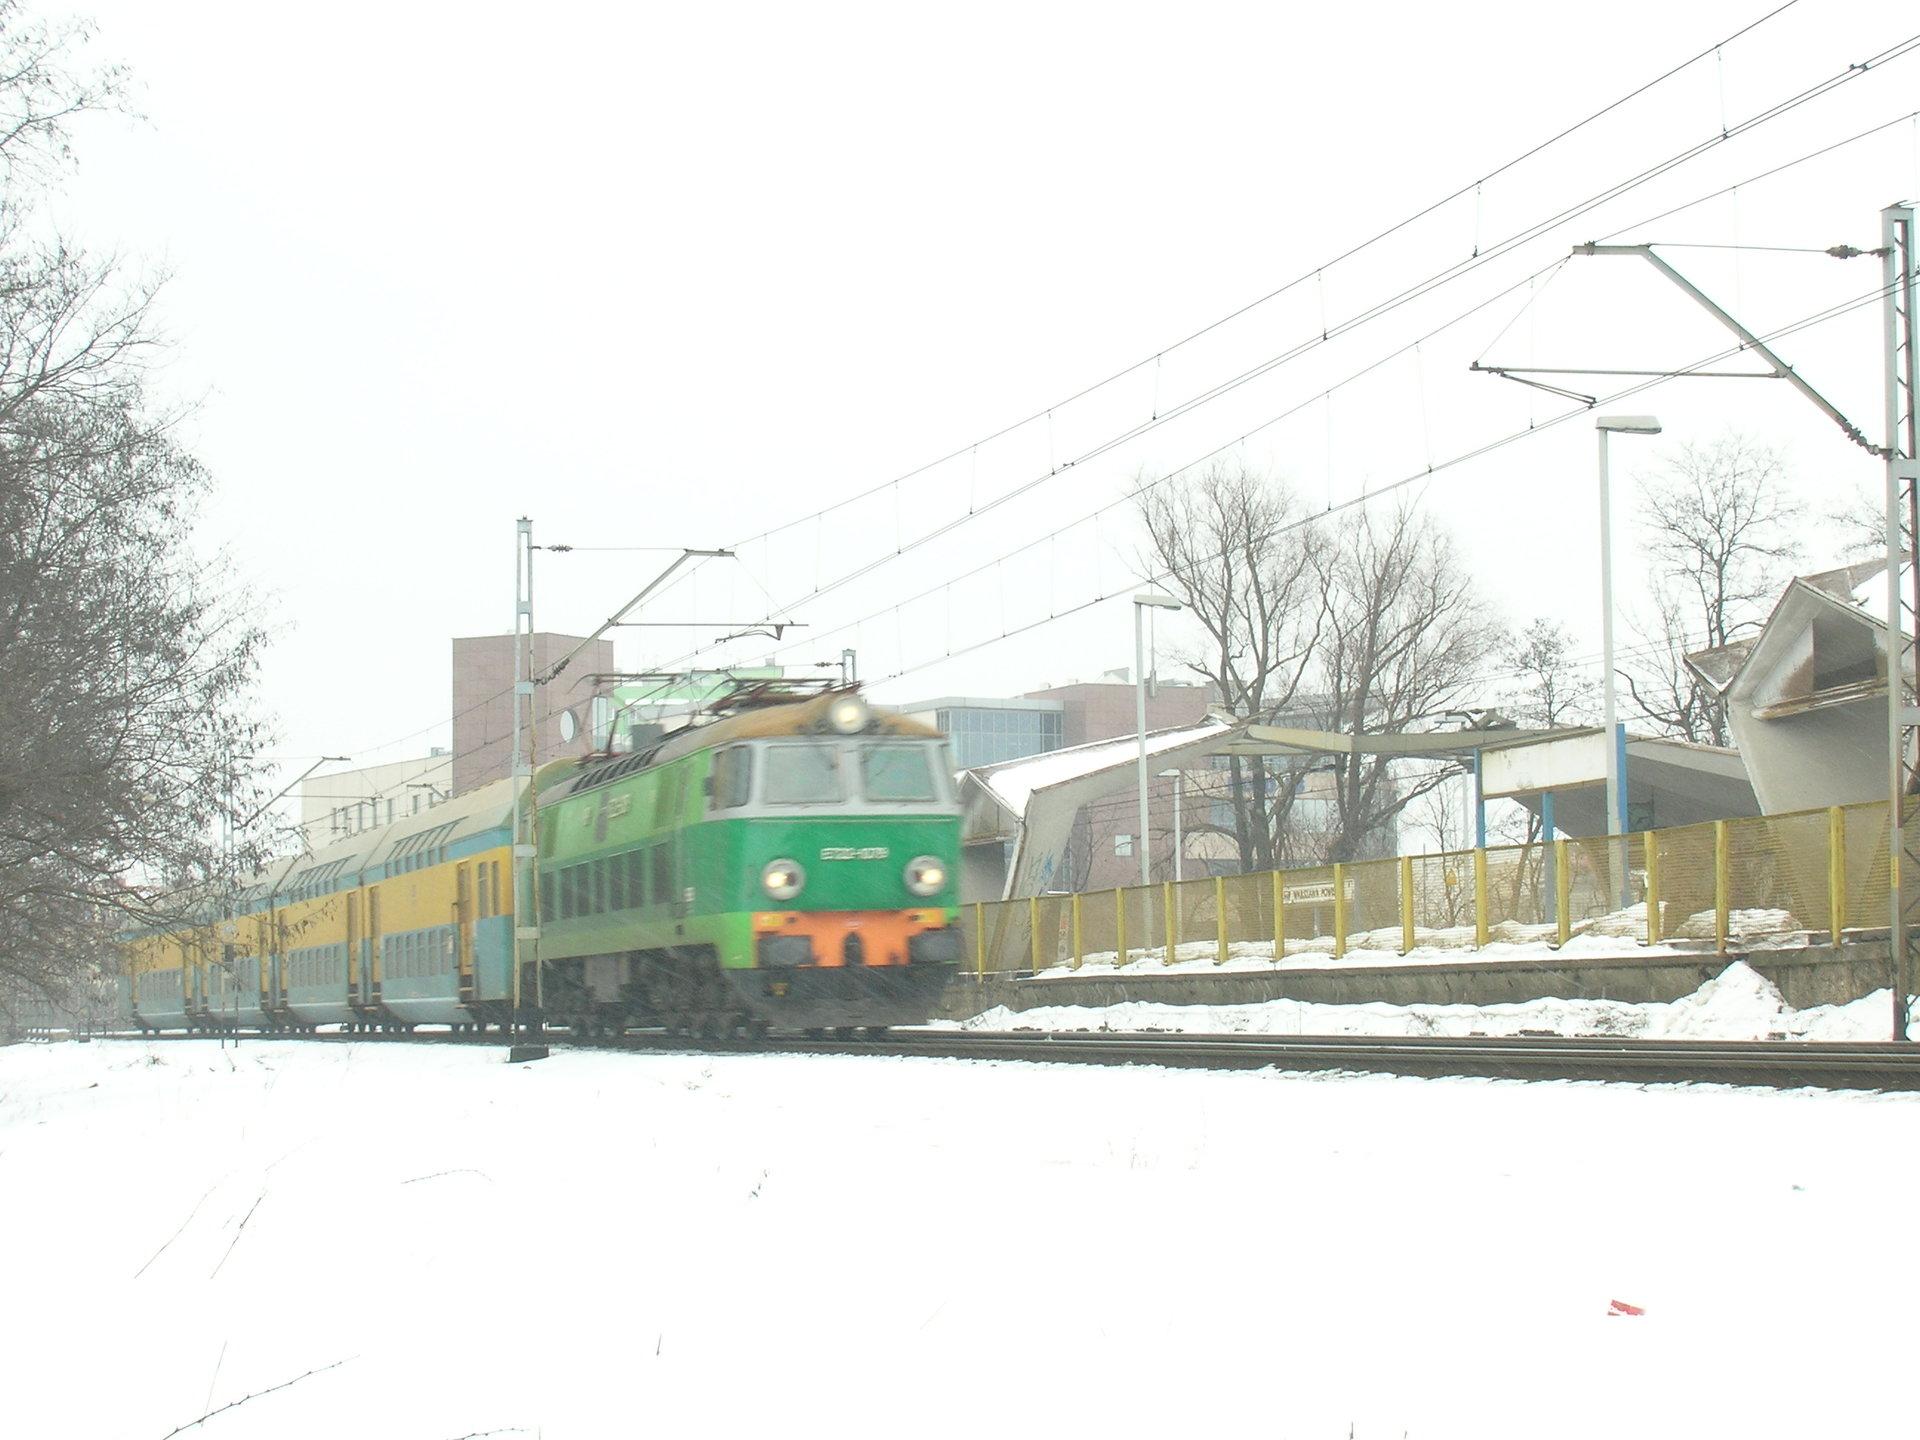 DSCN4447.JPG